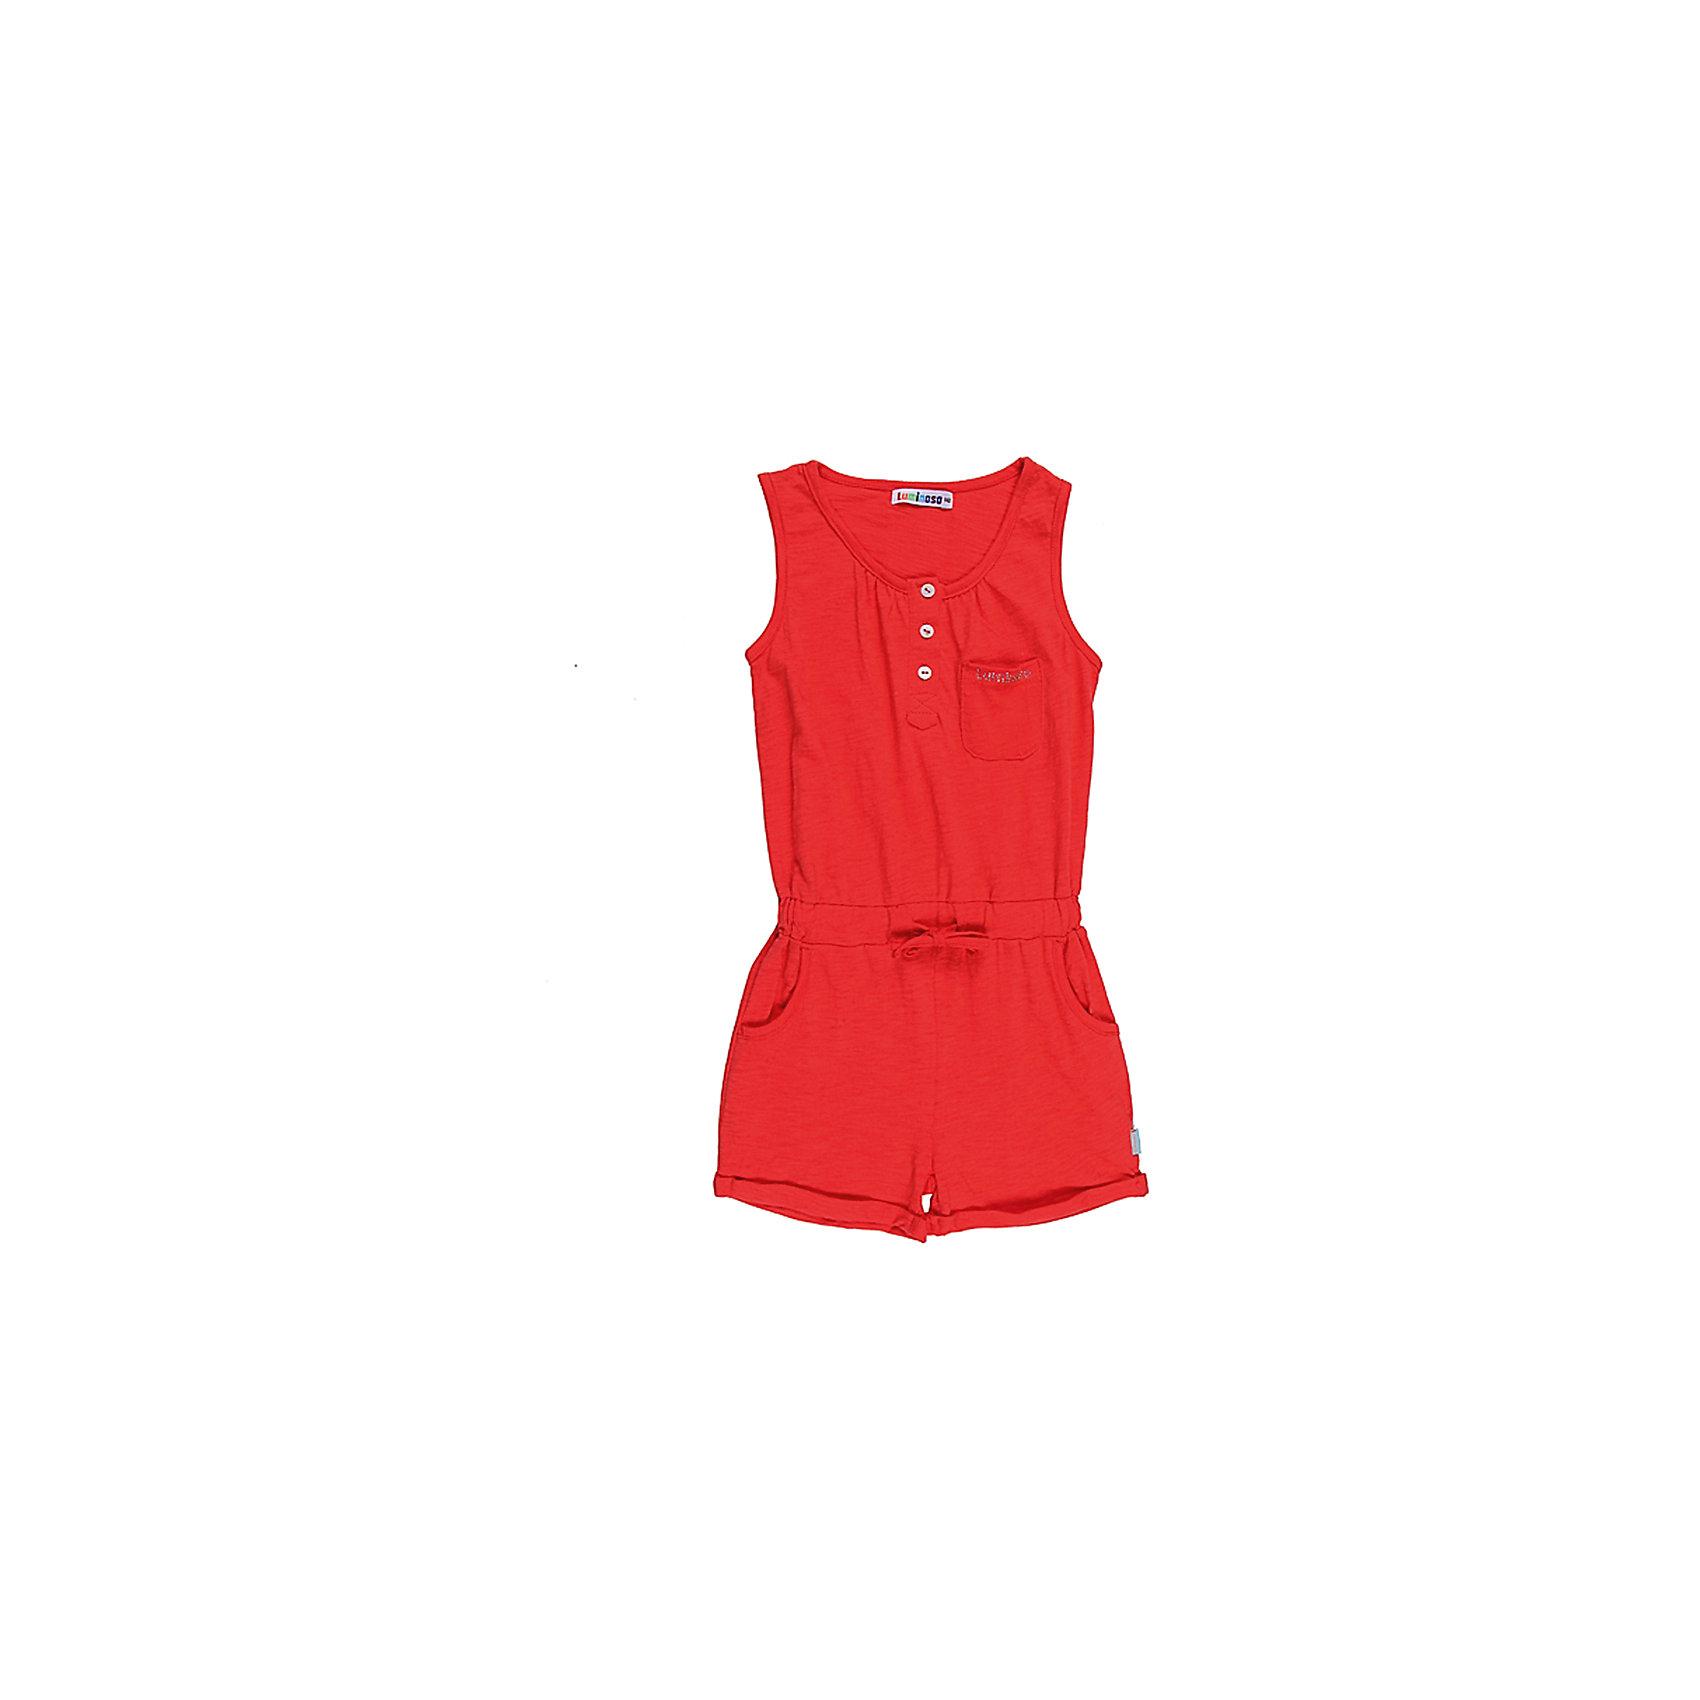 Полукомбинезон для девочки LuminosoКомбинезоны<br>Яркий кораллово-красный текстильный комбинезон для девочек. Короткие шорты и верх-маечка. Застегивается на пуговицы впереди на планке. По поясу вшита широкая резинка со шнуровкой. На шортах косые внутренние карманы. На груди пришит накладной карман с логотипом. Низ шорт с небольшим подворотом.<br>Состав:<br>95% хлопок, 5% эластан<br><br>Ширина мм: 215<br>Глубина мм: 88<br>Высота мм: 191<br>Вес г: 336<br>Цвет: красный<br>Возраст от месяцев: 120<br>Возраст до месяцев: 132<br>Пол: Женский<br>Возраст: Детский<br>Размер: 146,164,134,158,152,140<br>SKU: 4521758